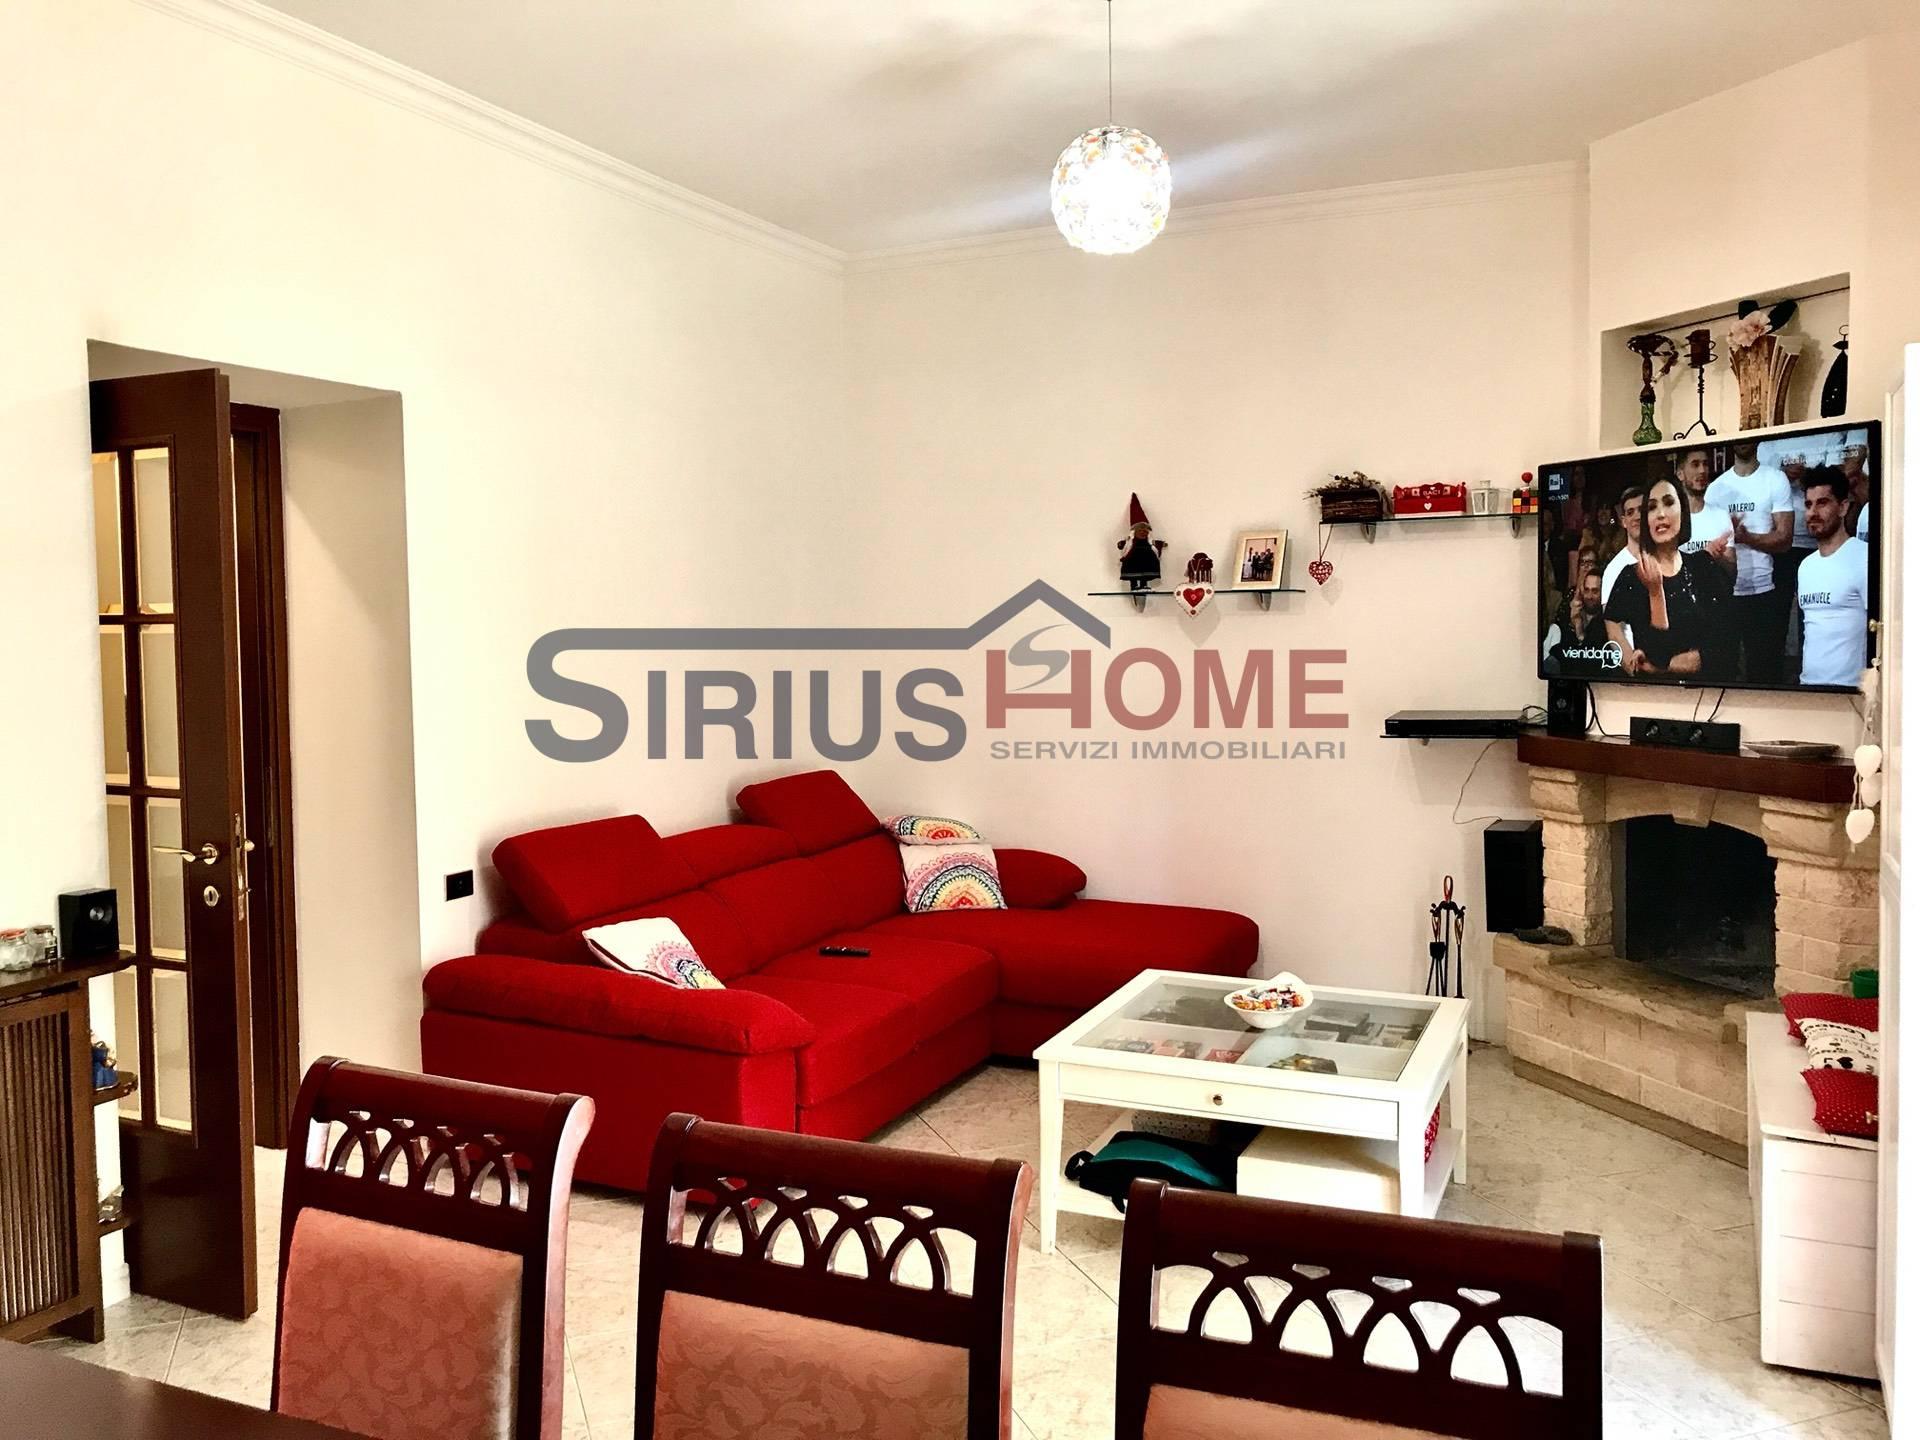 Appartamento in vendita a Tivoli, 3 locali, zona Località: Tivolicittà, prezzo € 175.000   CambioCasa.it